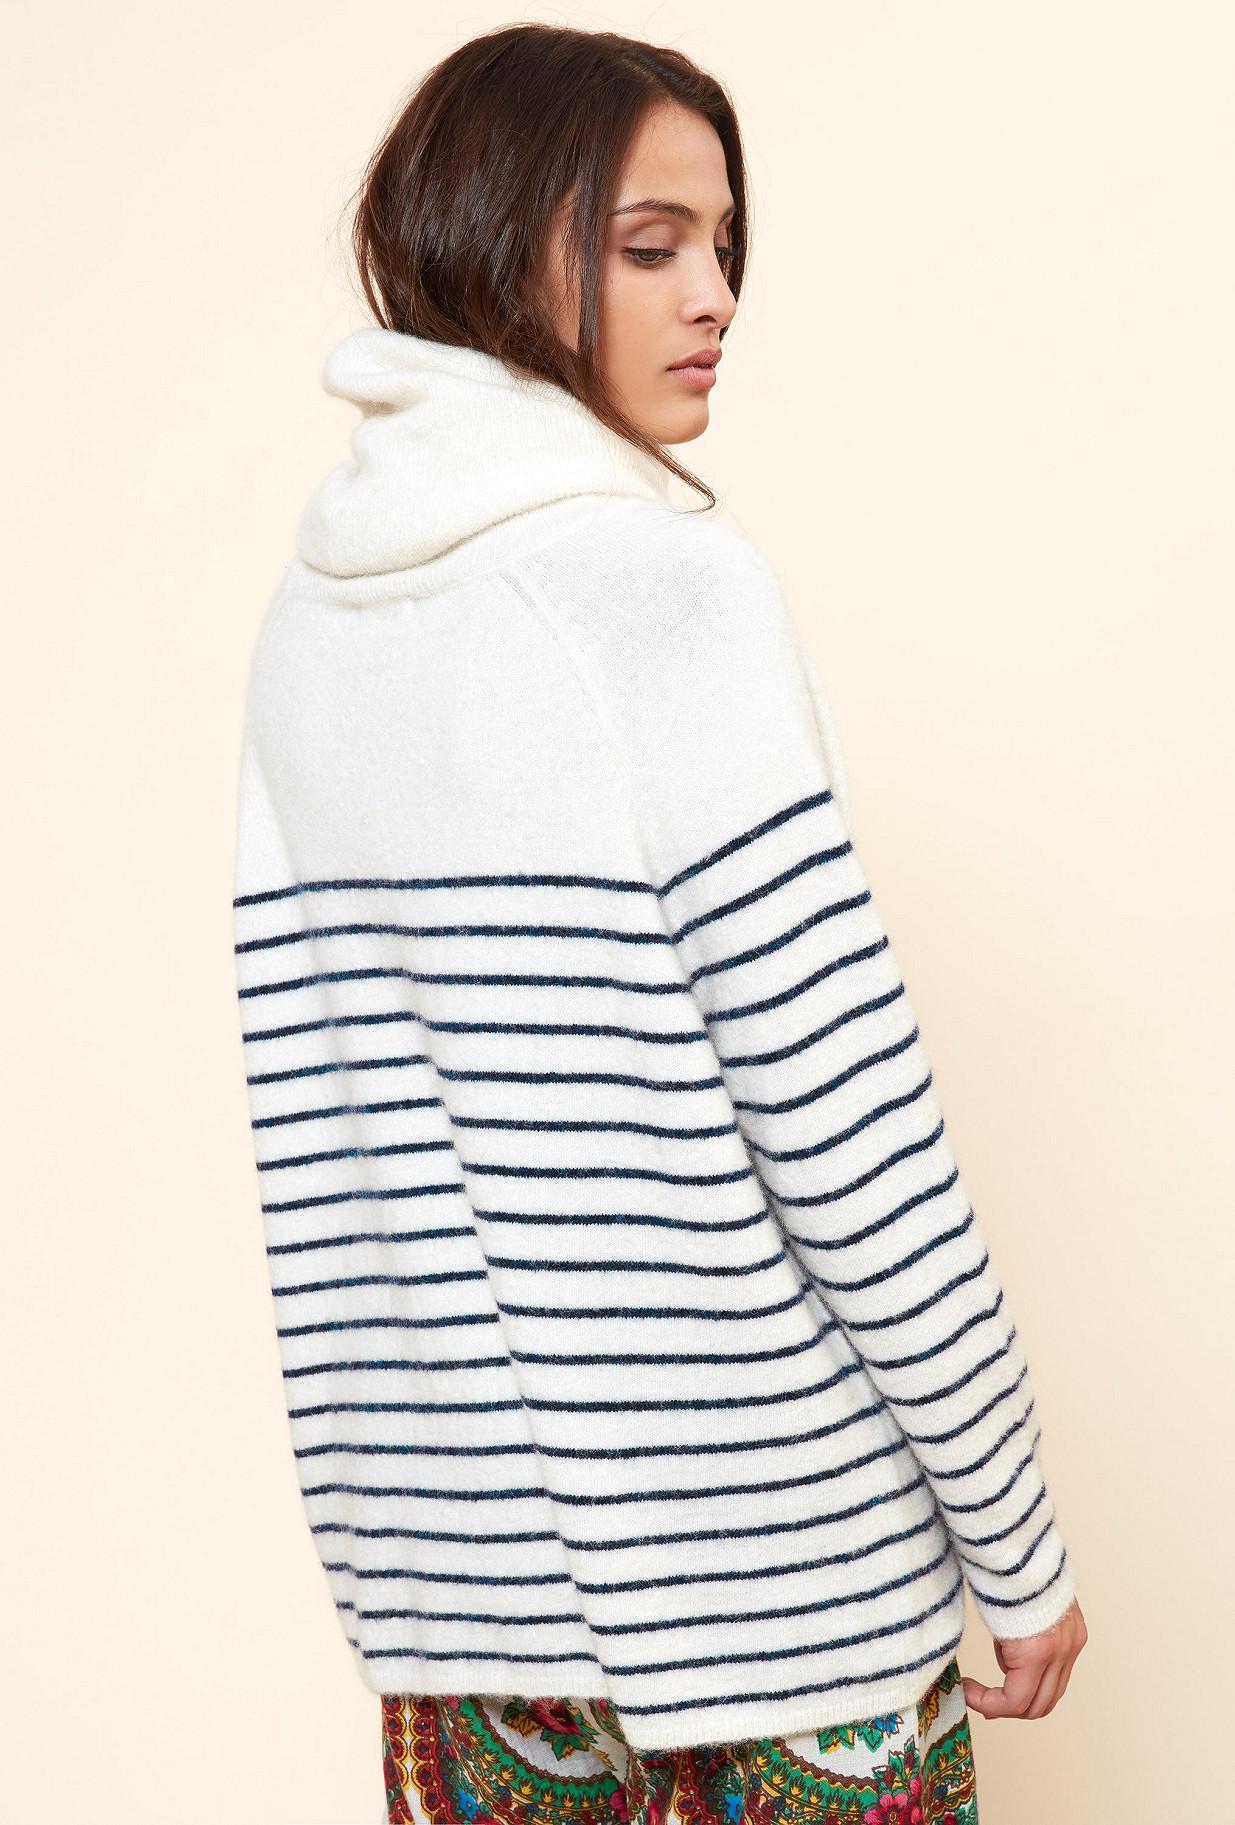 Paris boutique de mode vêtement Maille créateur bohème  Macarthur